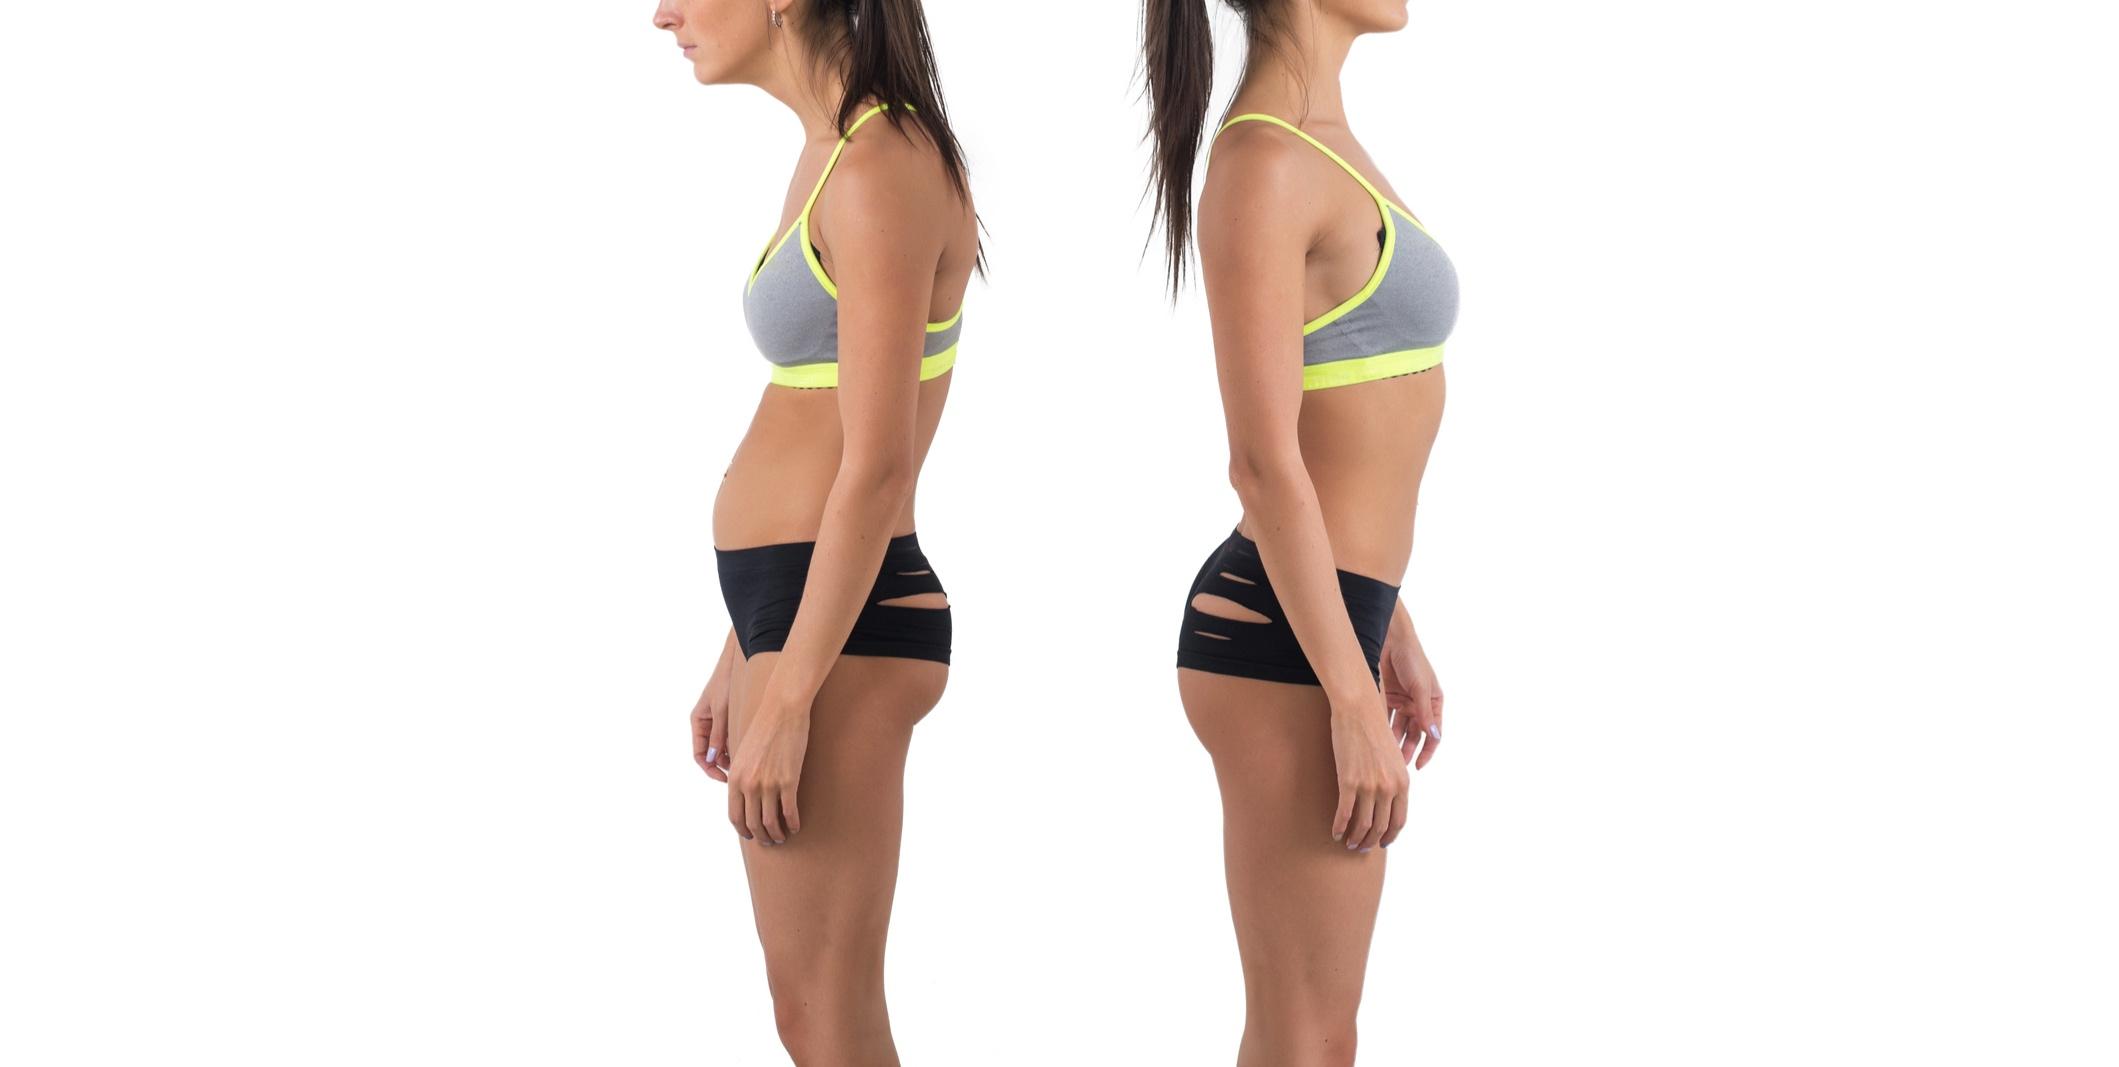 Hvordan påvirker din kropsholdning psyken?